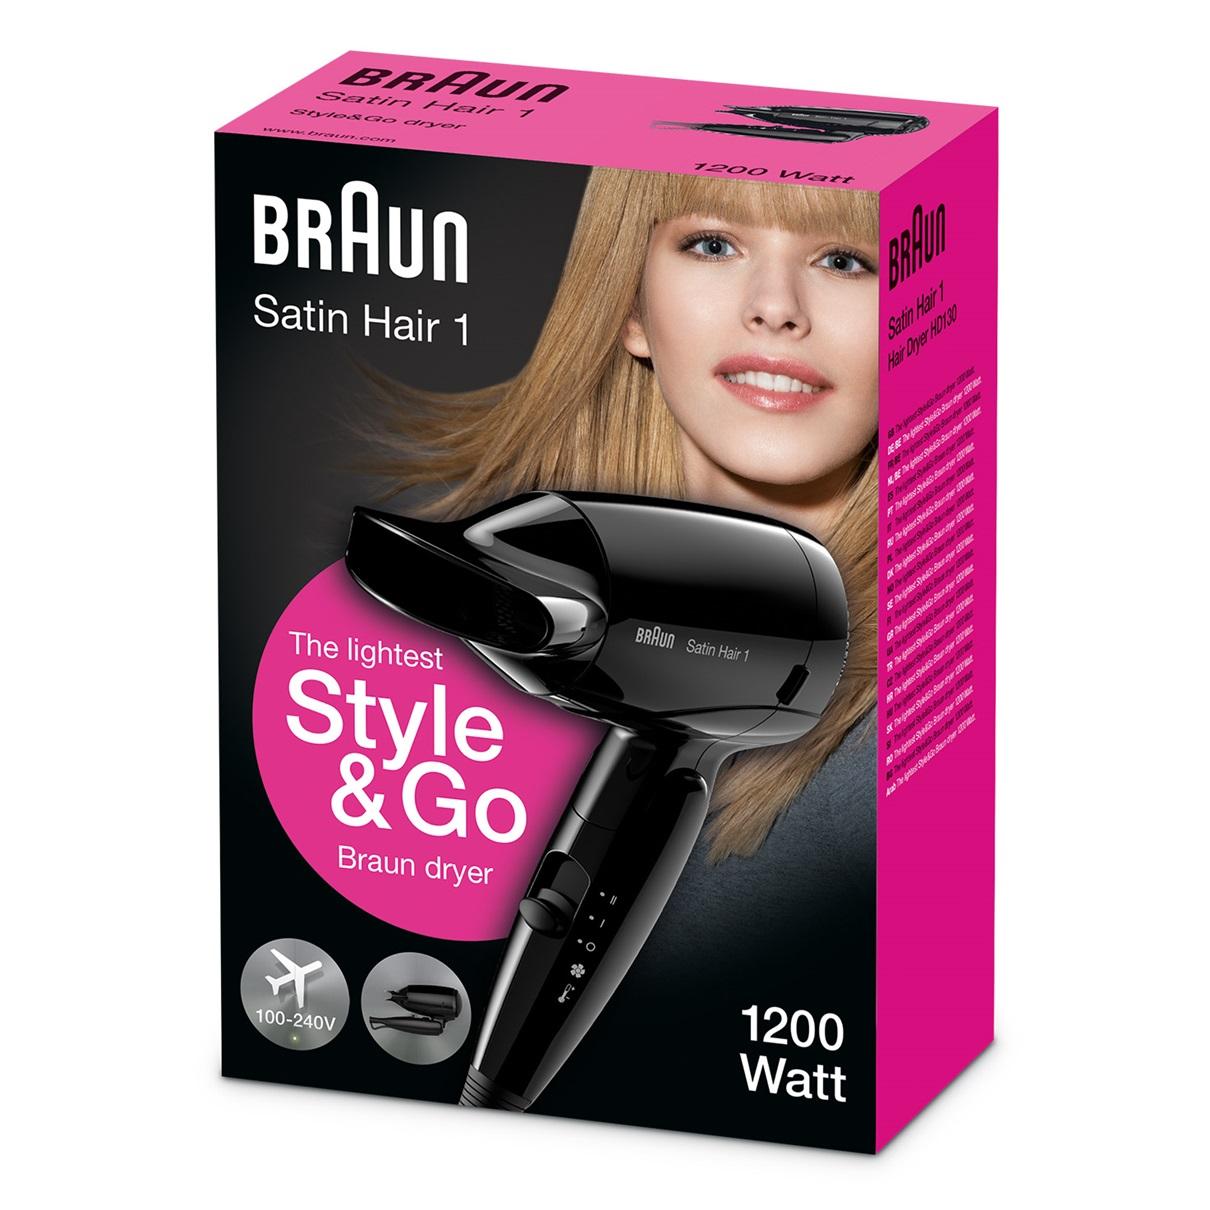 Braun HD 130 Satin Hair 1200 Watt Hair